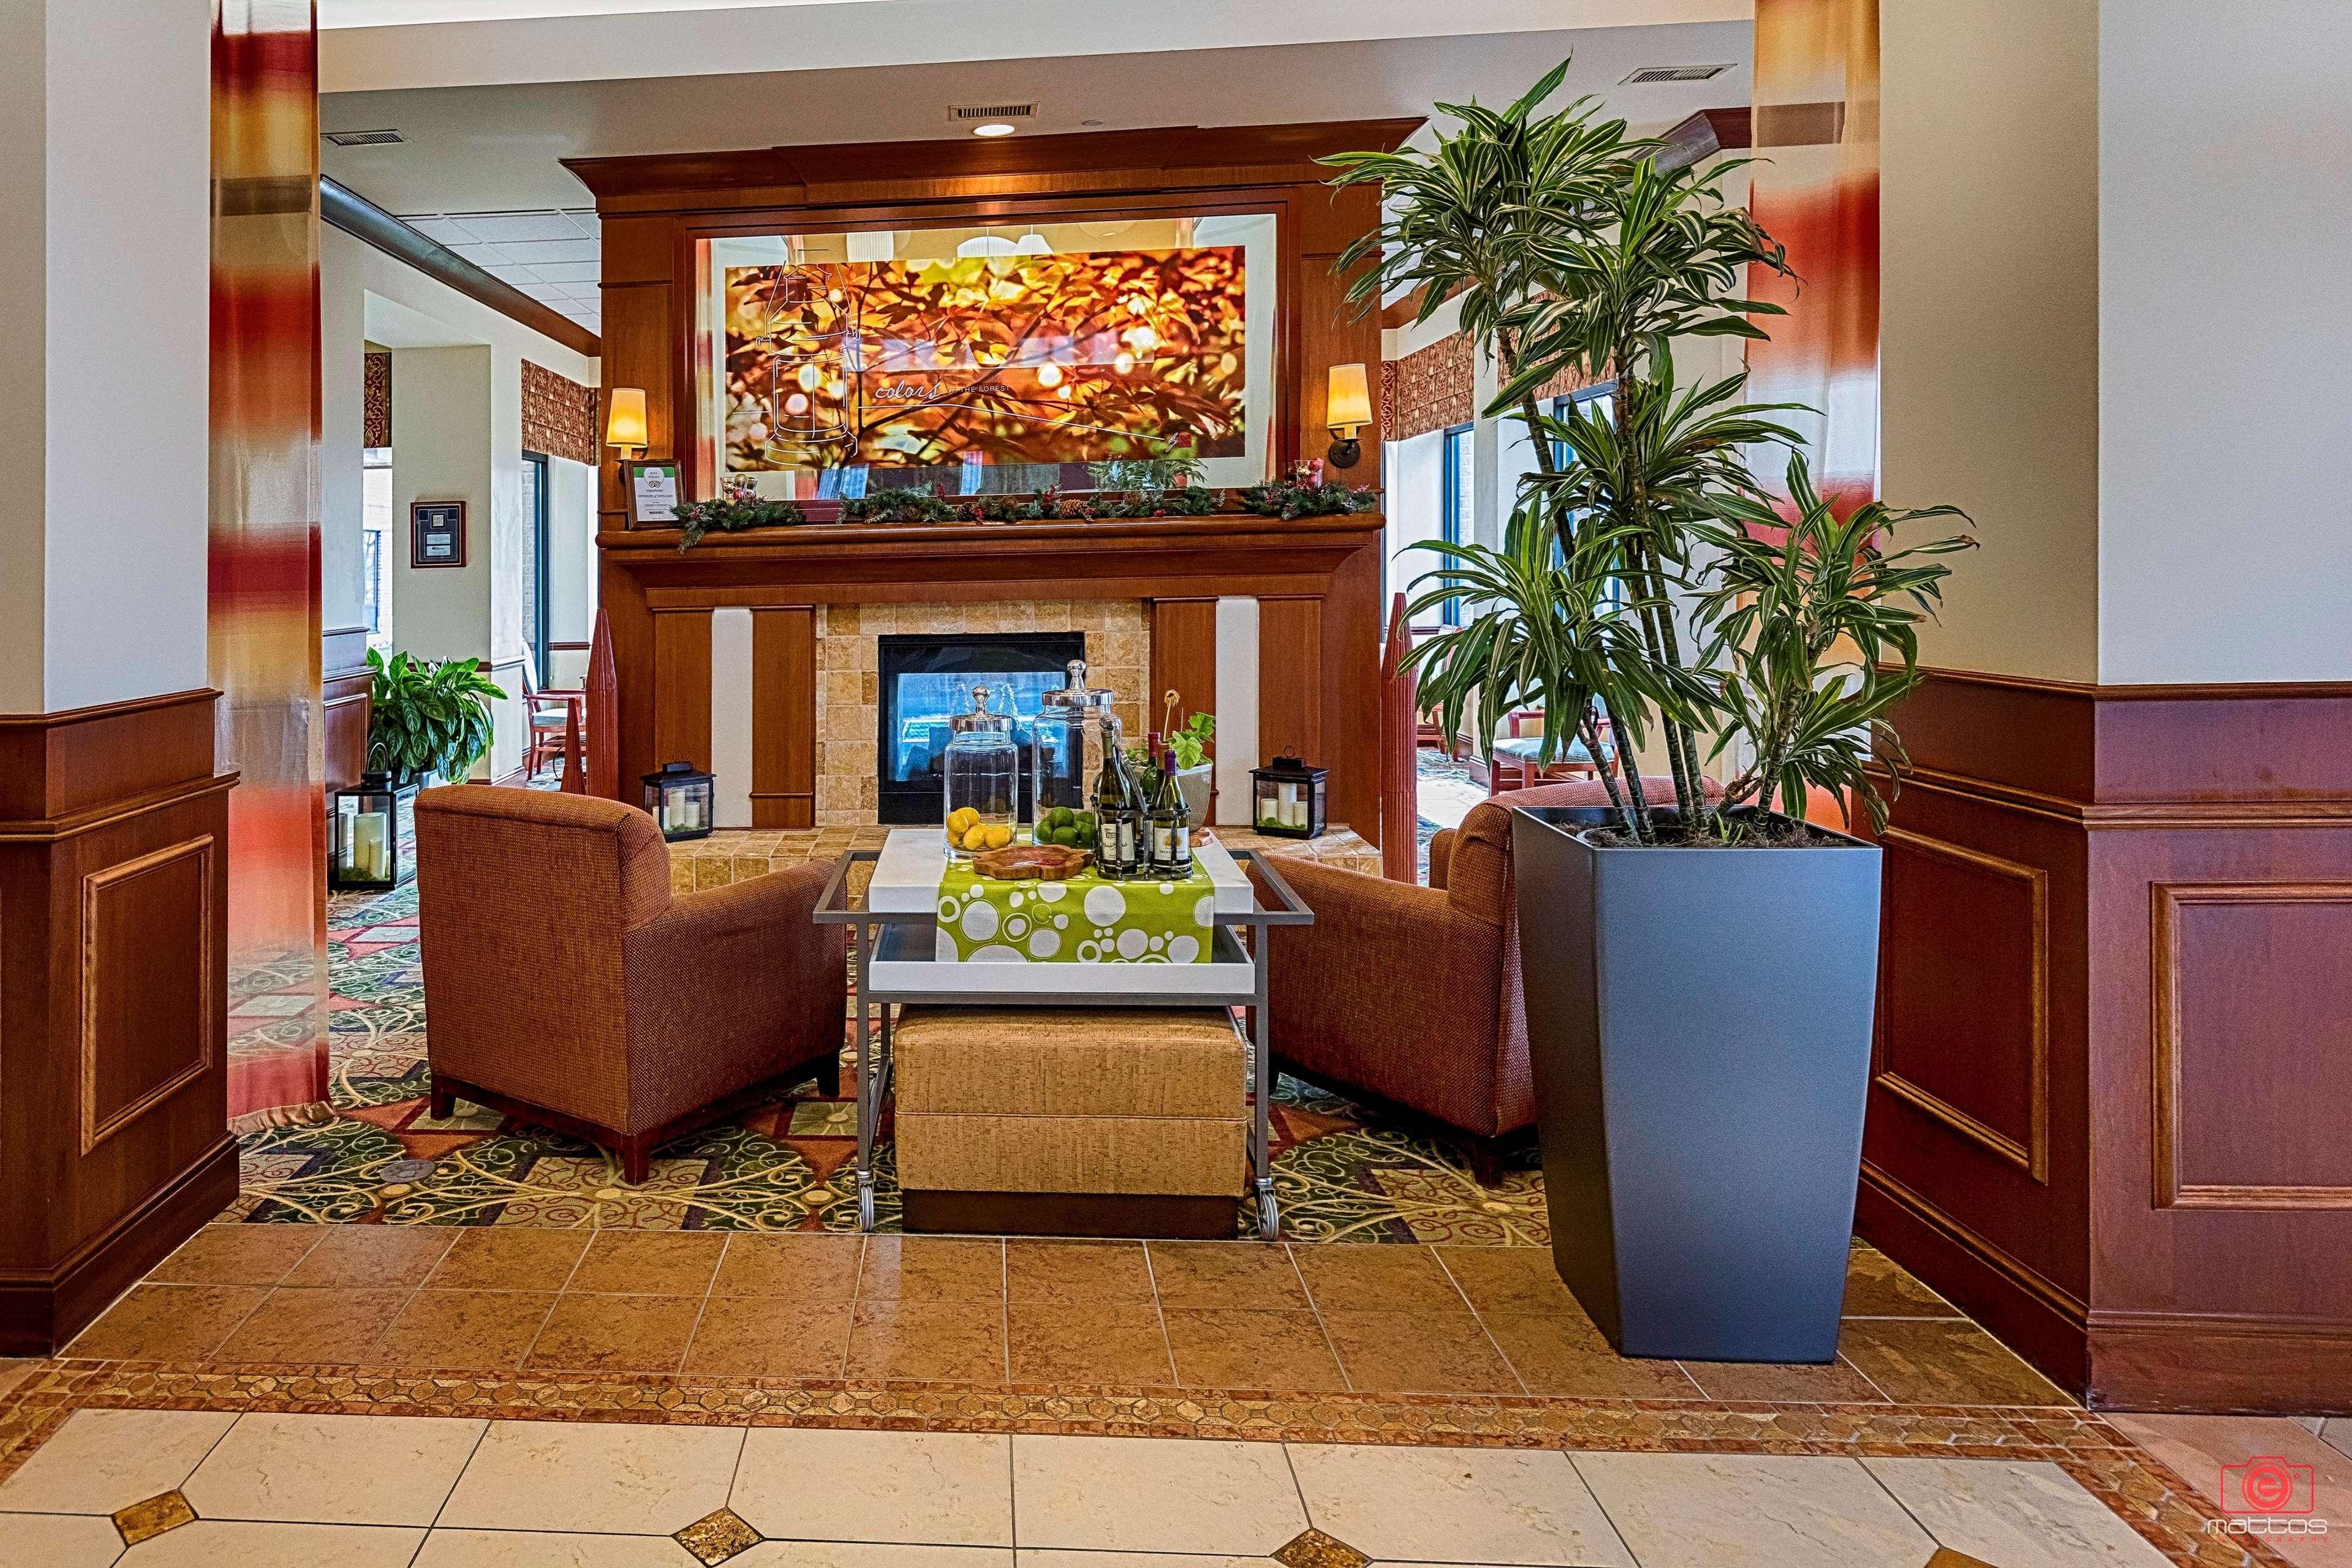 Hilton Garden Inn Oconomowoc In Oconomowoc Wi 53066